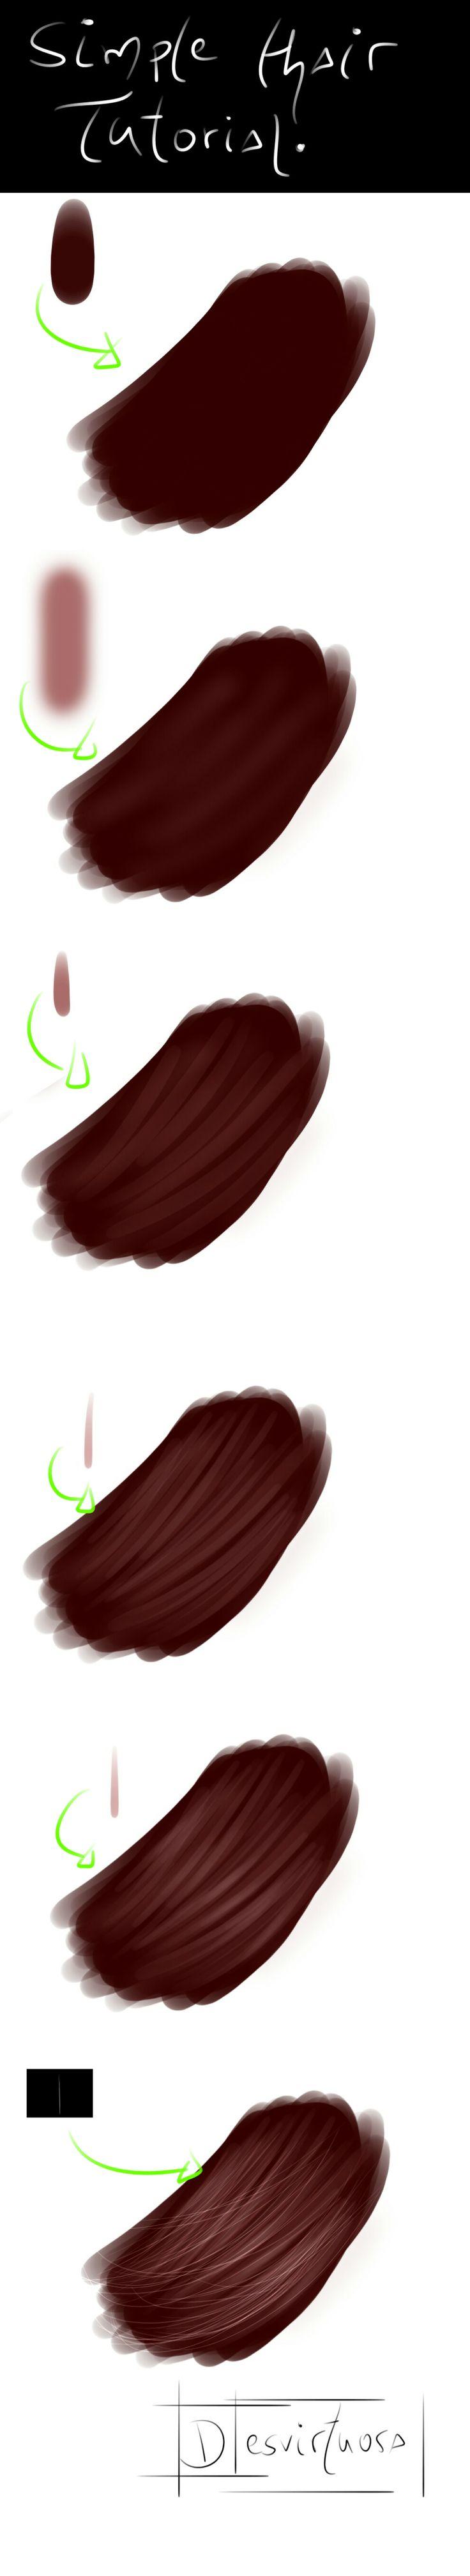 Simple Hair Tutorial                                                                                                                                                                                 More